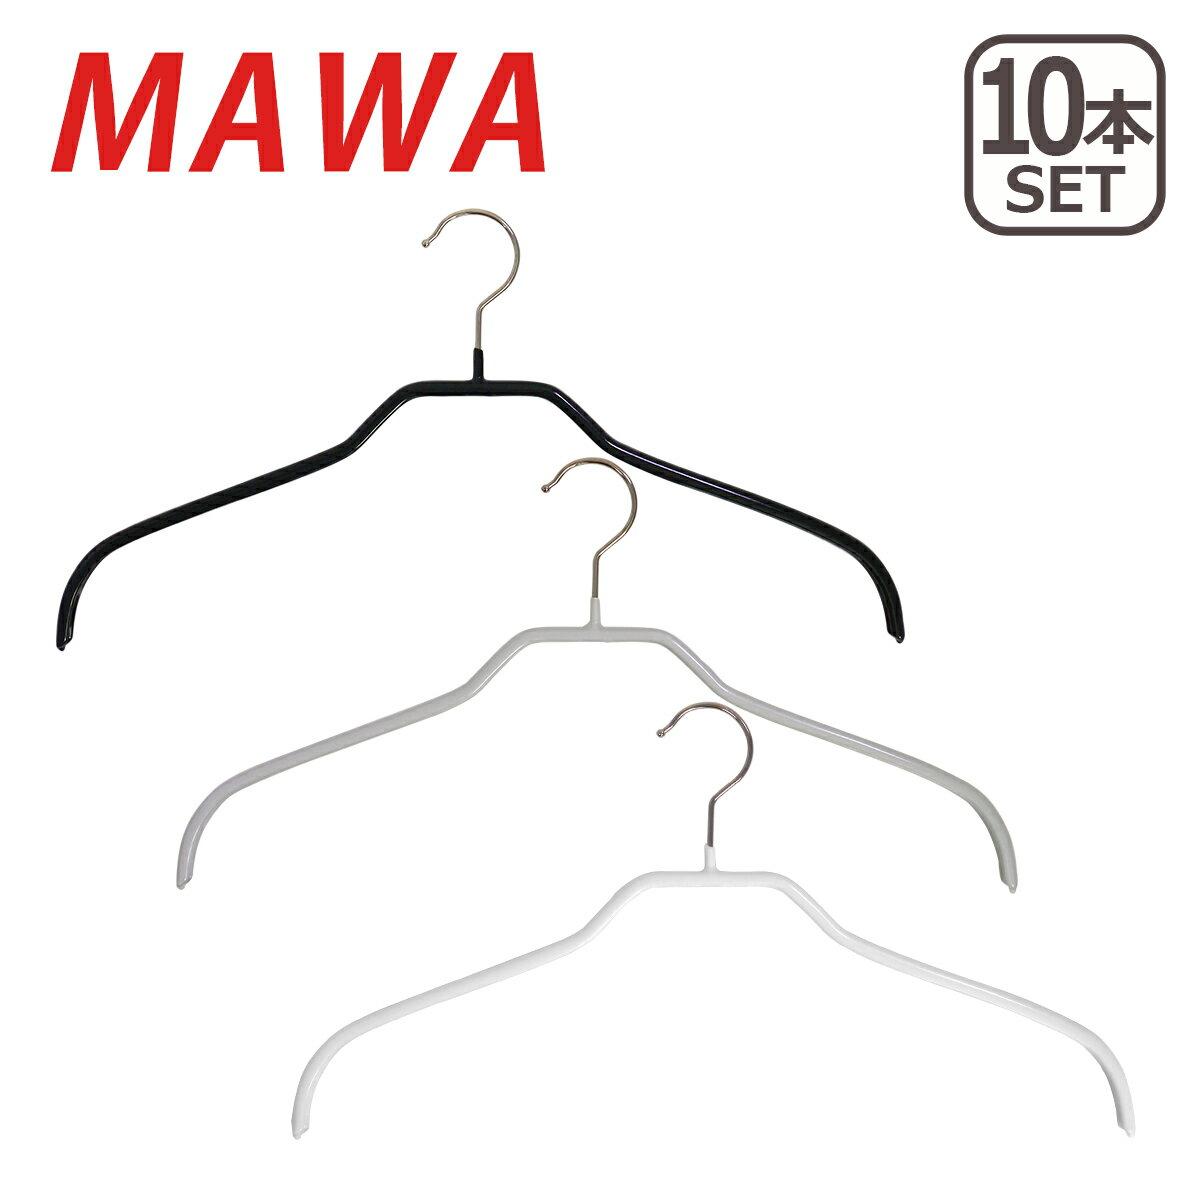 MAWAハンガー (マワハンガー)Silhouette/F ×10本セット ドイツ発!すべらないハンガー 41F 03210 選べるカラー(ブラック・シルバー・ホワイト)♪ シルエット スリム